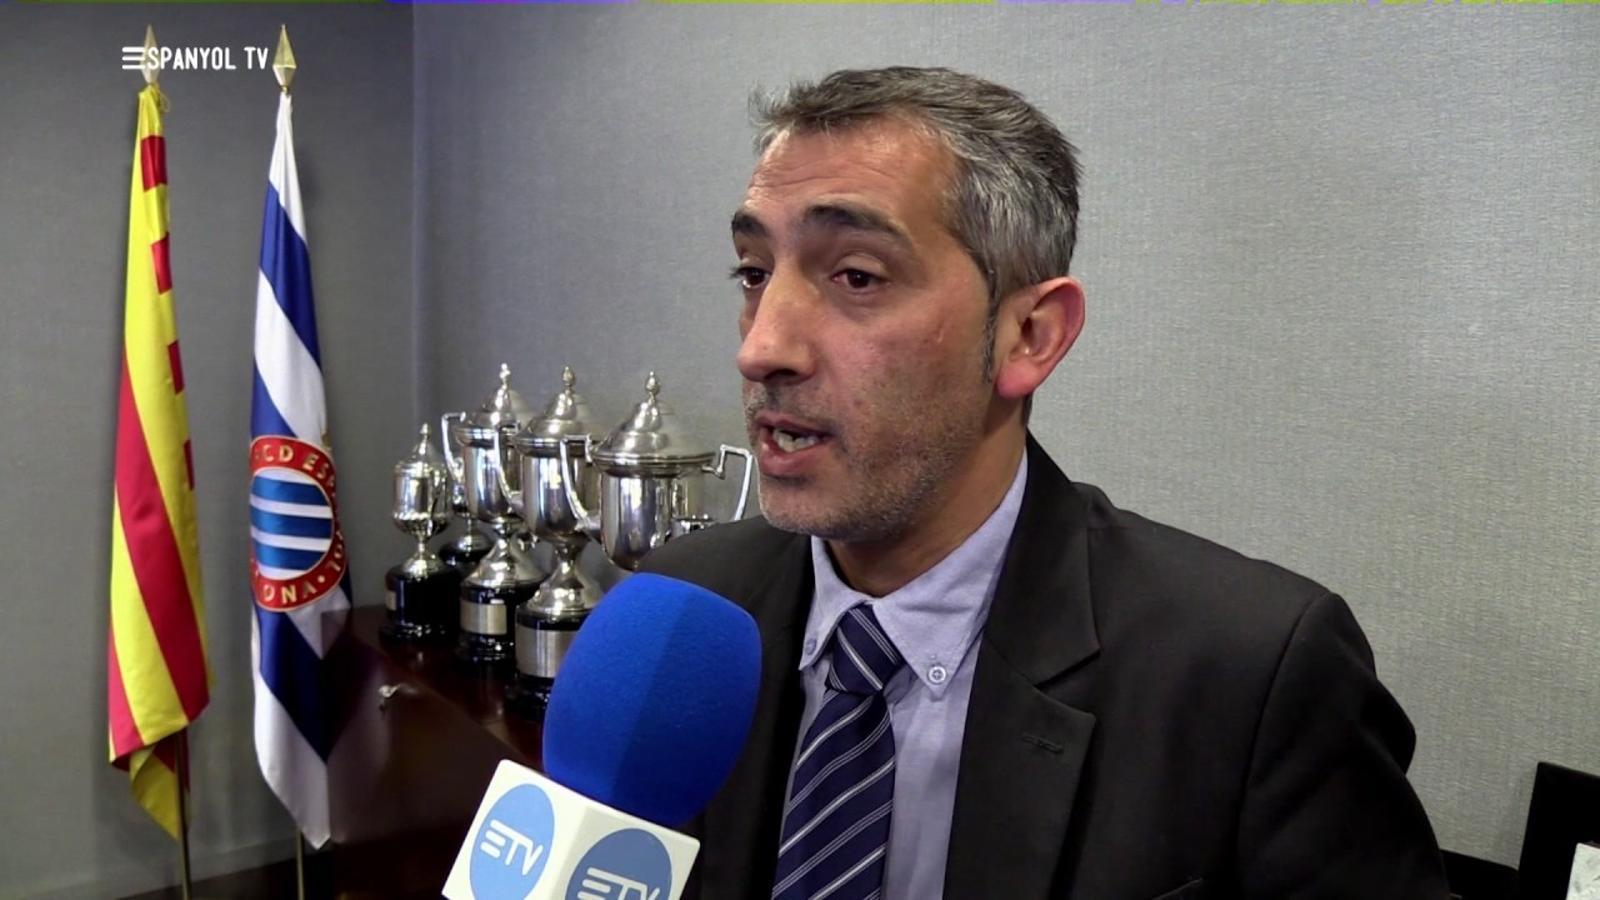 """Ramon Robert: """"No estem d'acord amb aquesta campanya i n'exigim la retirada o modificació"""""""